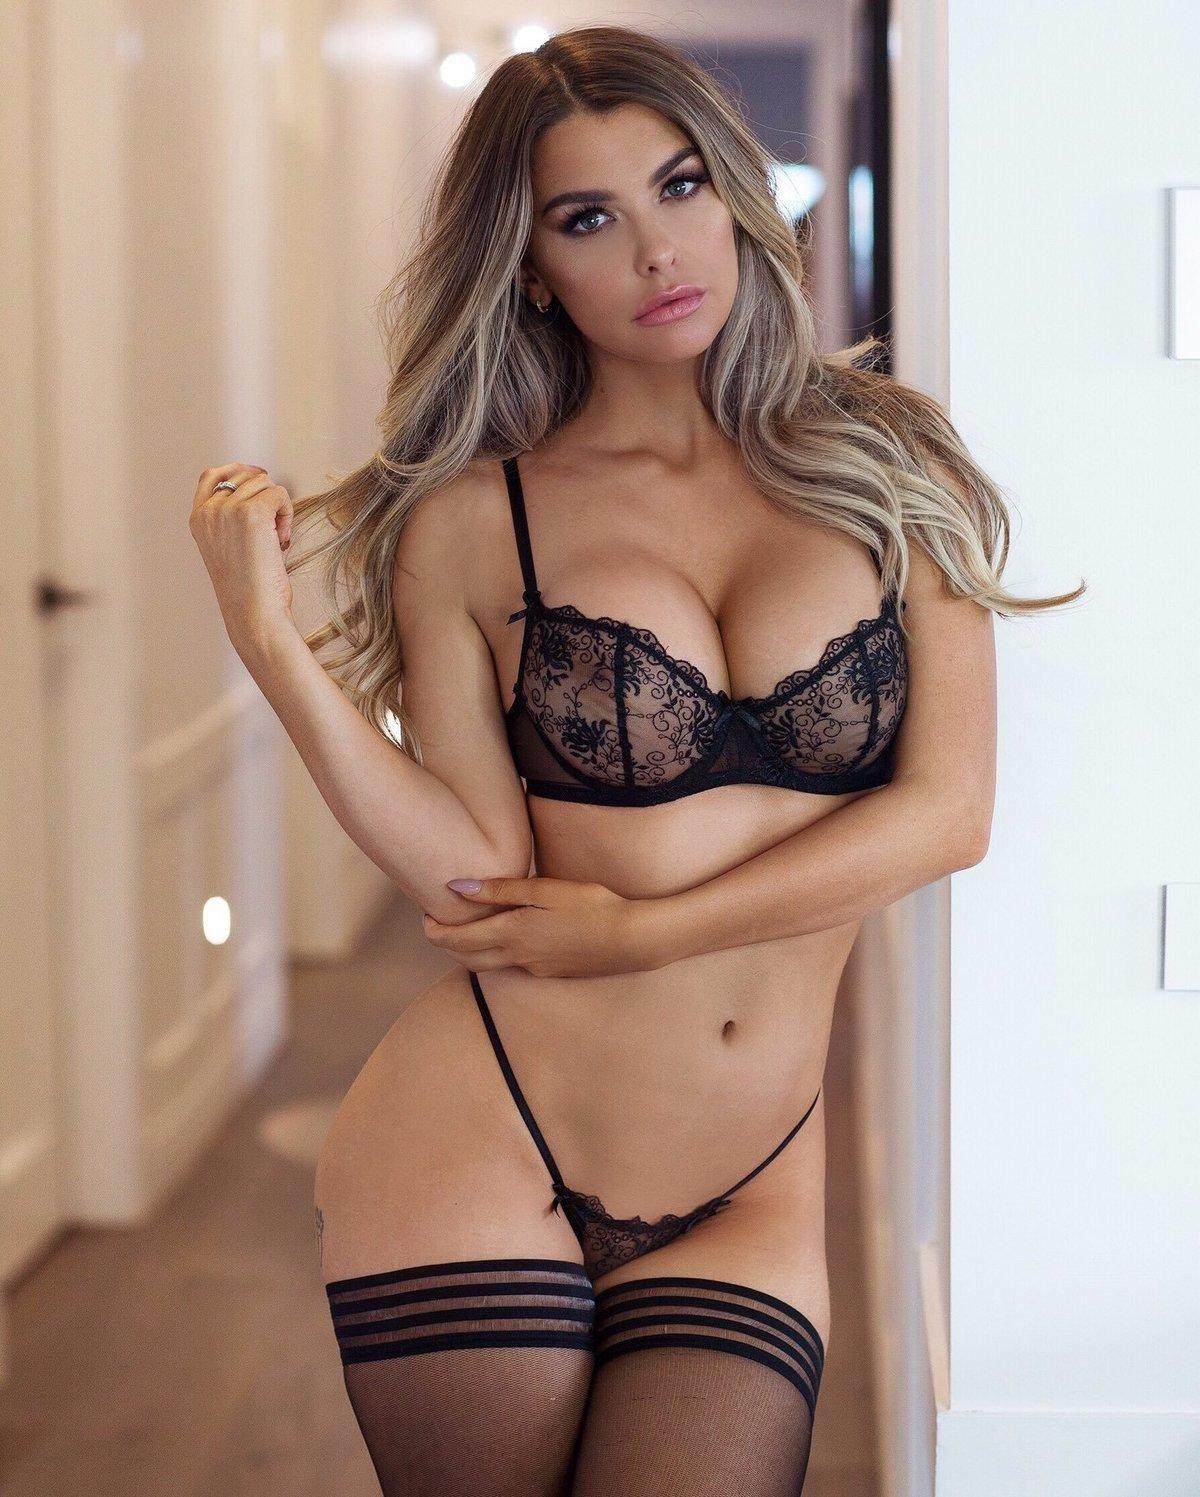 волосьями бразильские порнозвезды в нижнего белья решил